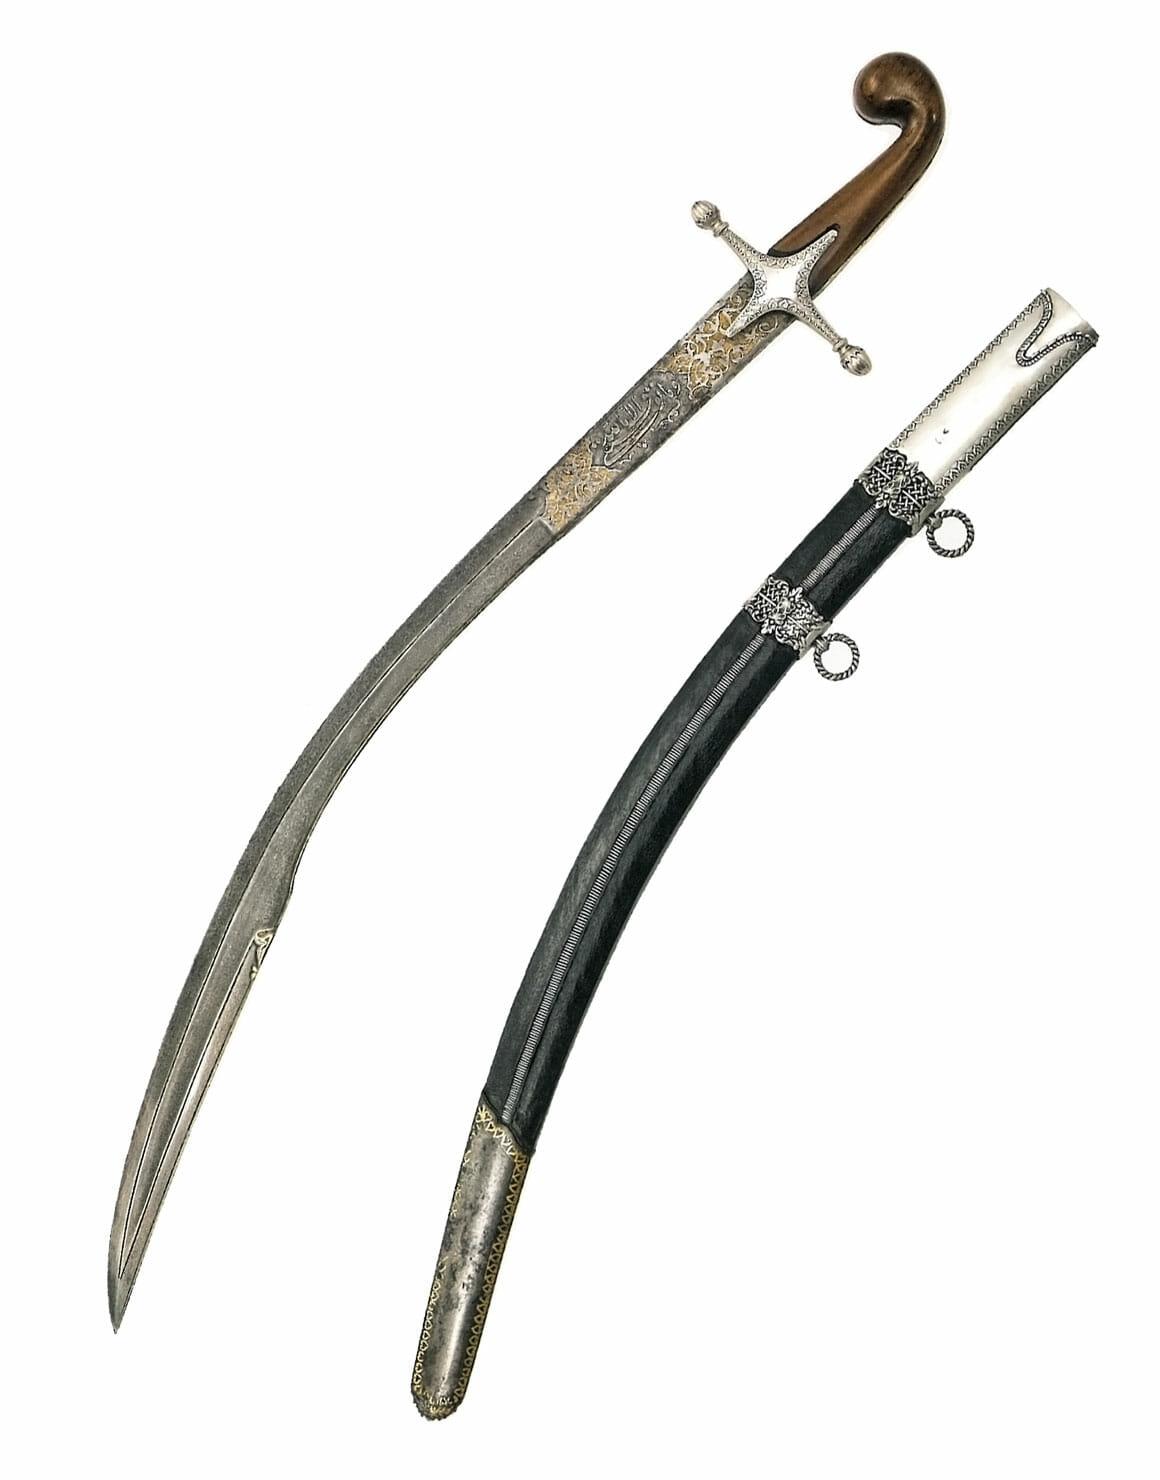 osmanli kilici - الأسلحة المستعملة في الجيش العثماني (4)